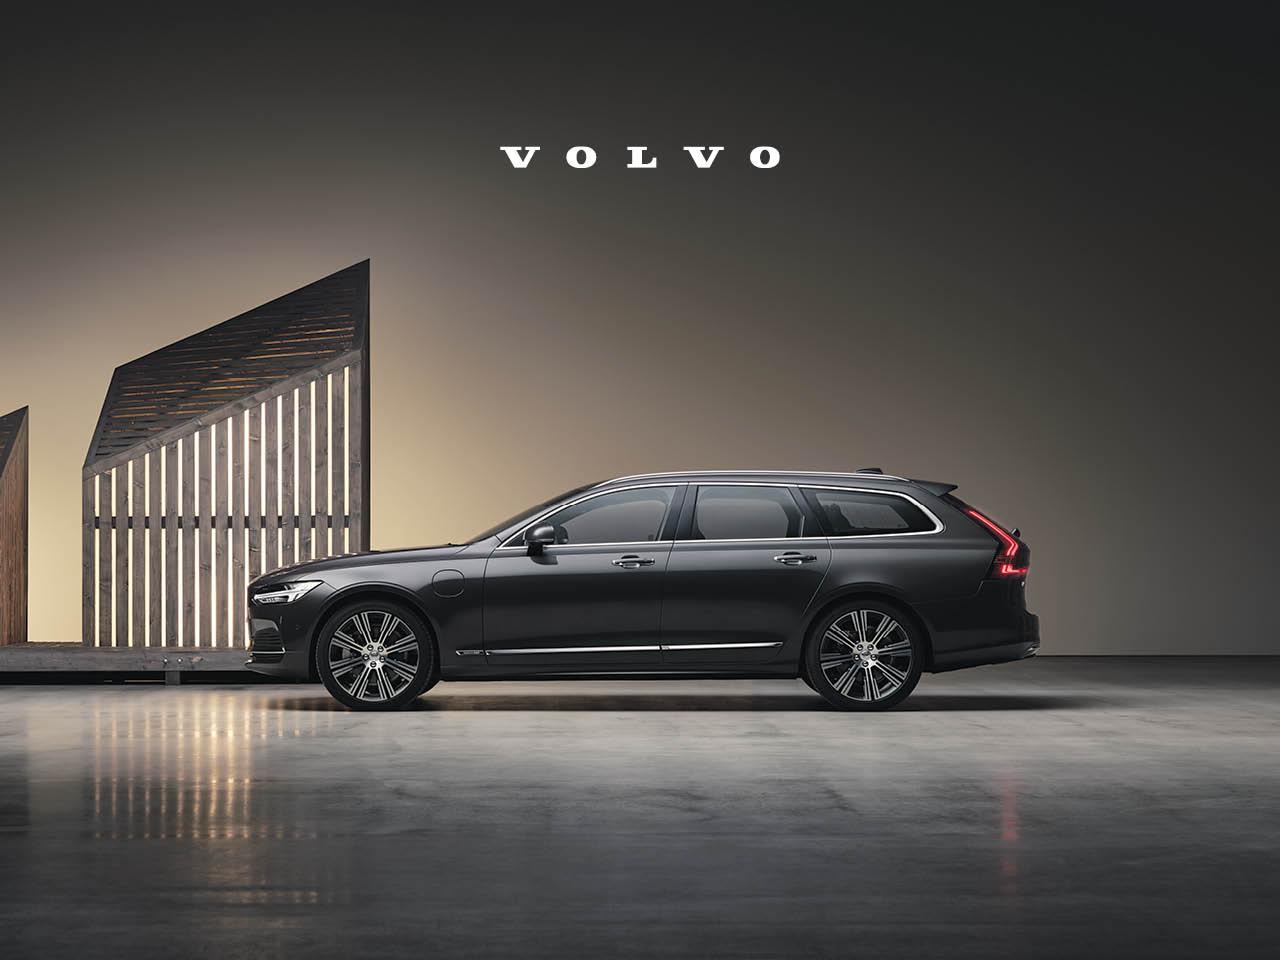 Uudistuneet ylelliset Volvot